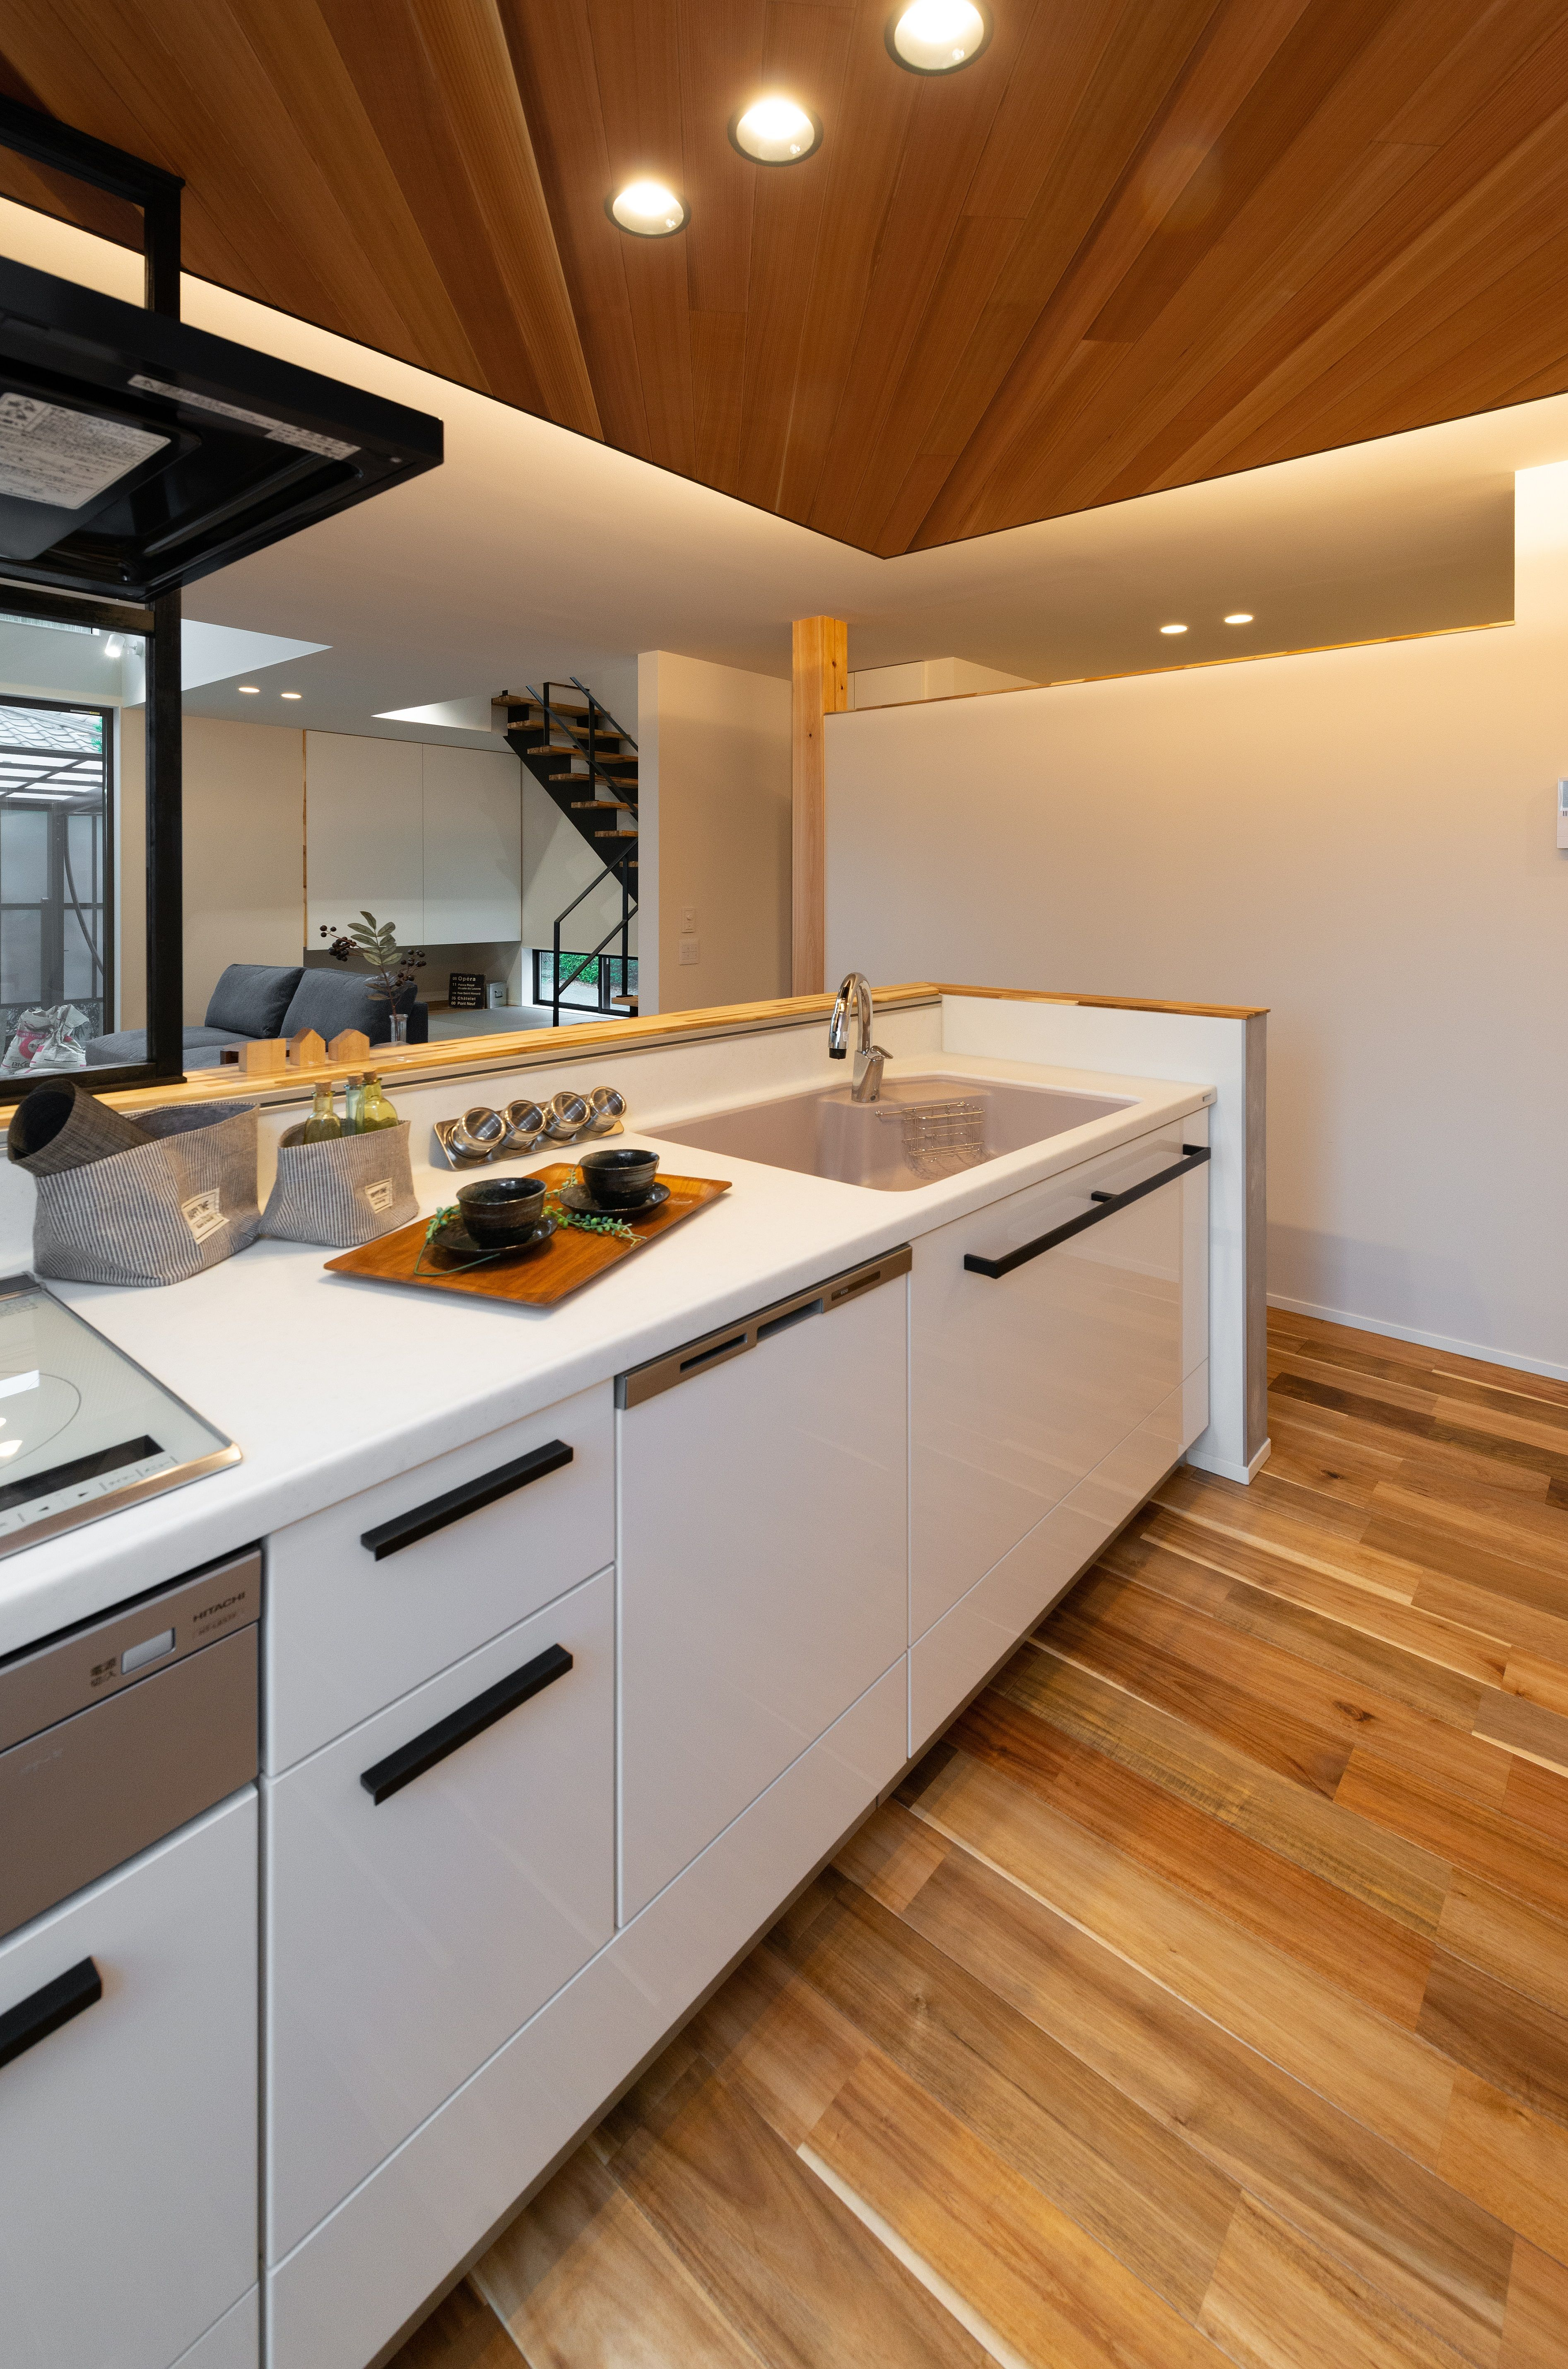 私のこだわりキッチン リビング キッチン キッチンデザイン レッド